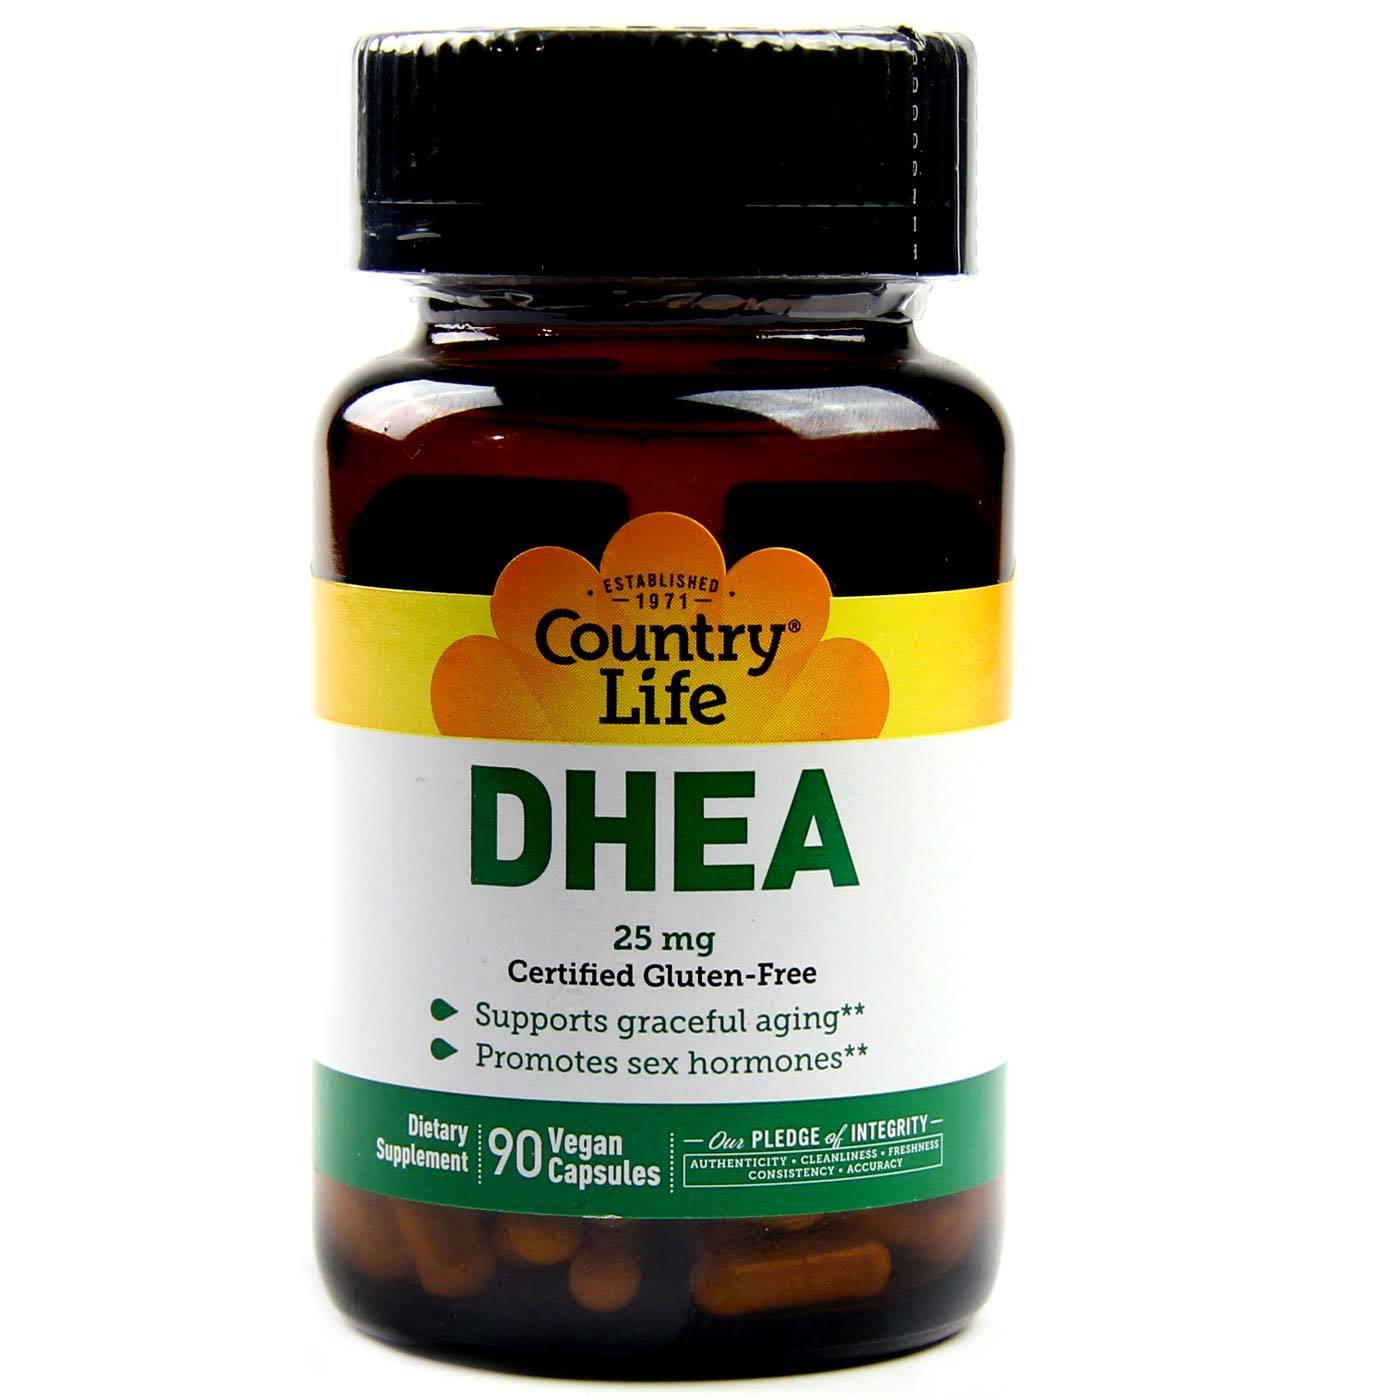 Country Life DHEA 25 mg 90 Vegan Capsules eVitamins com ~ 07053851_Sukkulenten Bestellen Schweiz